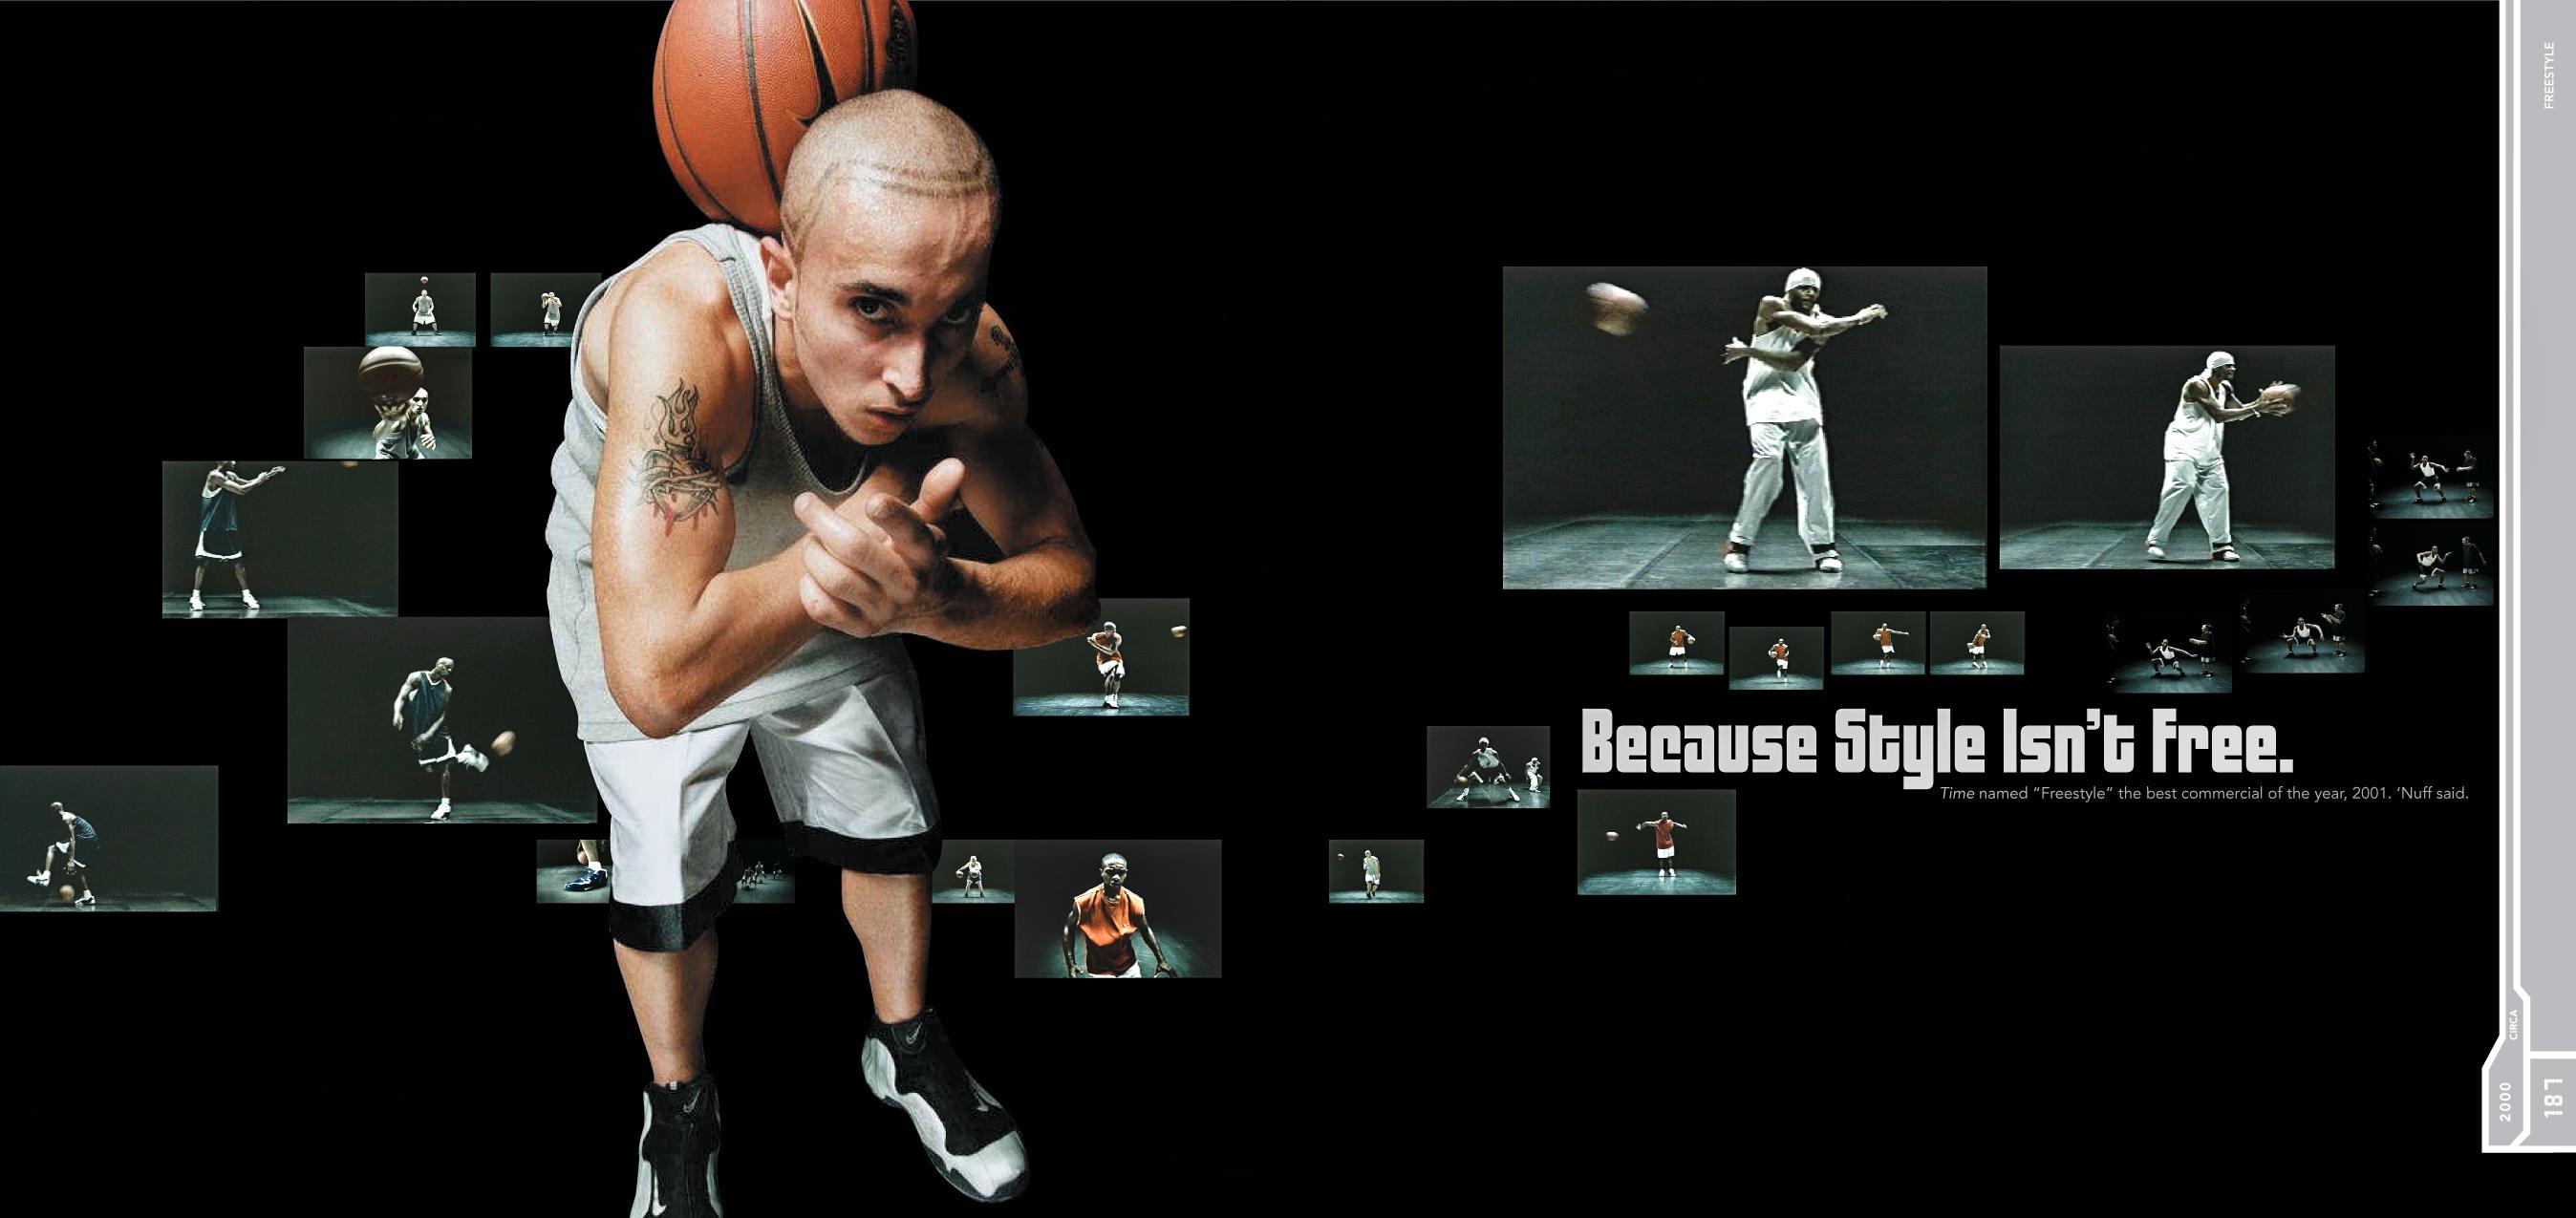 Nike sole provider spread